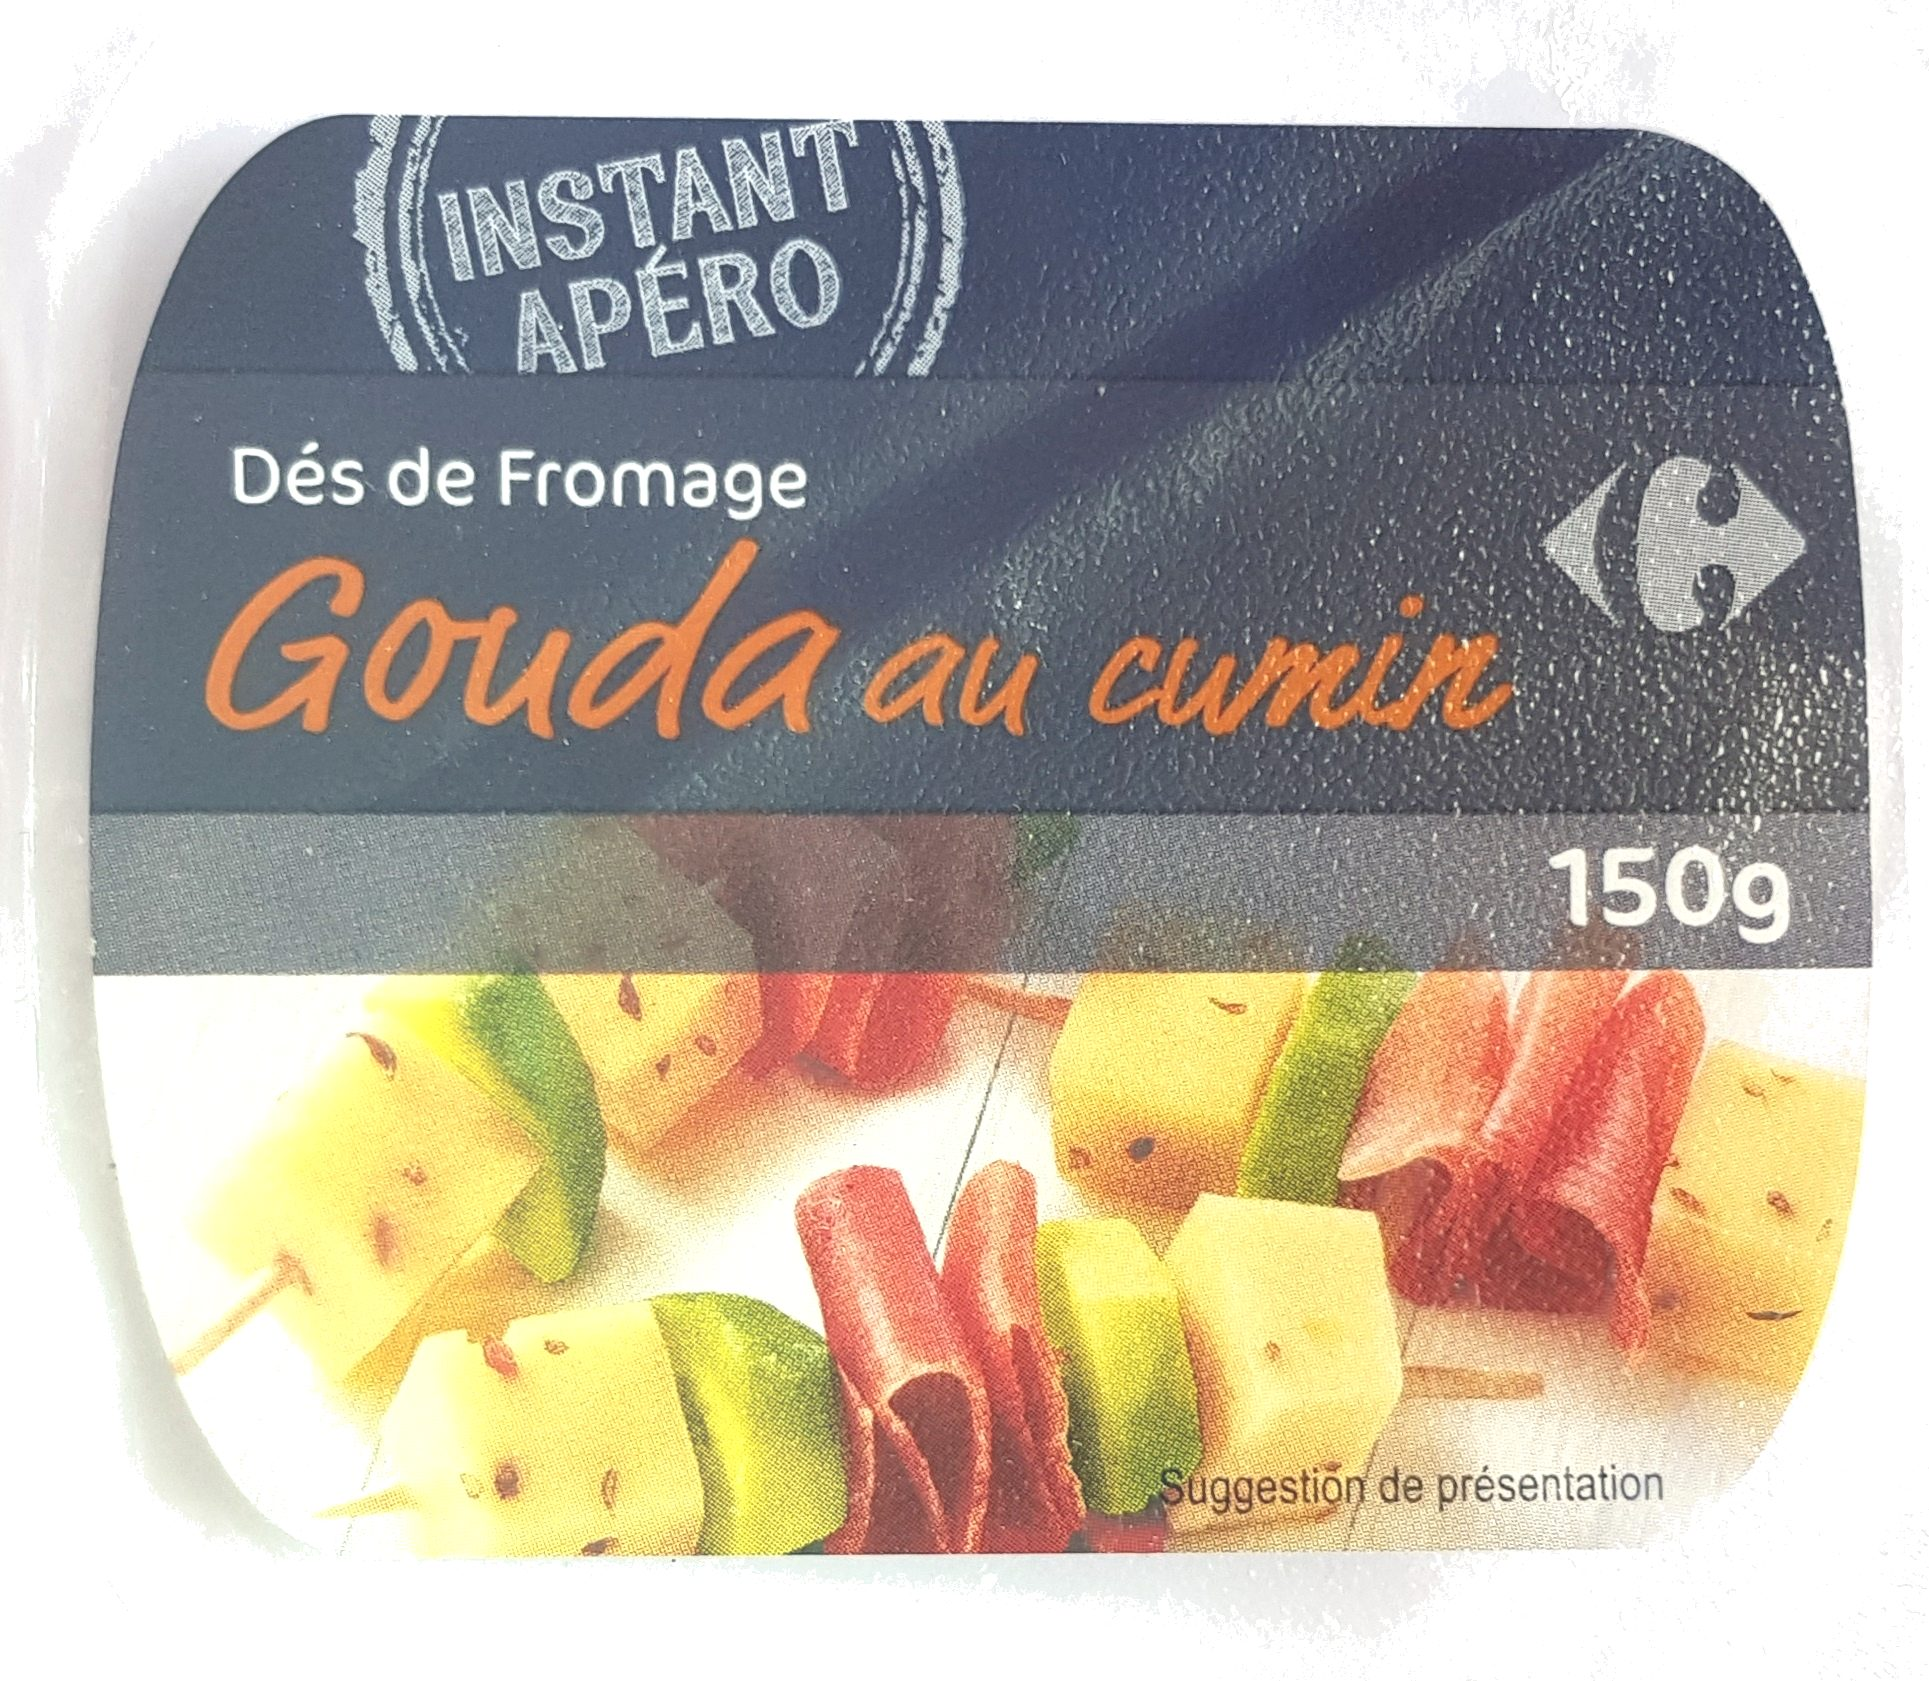 Dés de gouda au cumin (30 % M.G.) - Product - fr